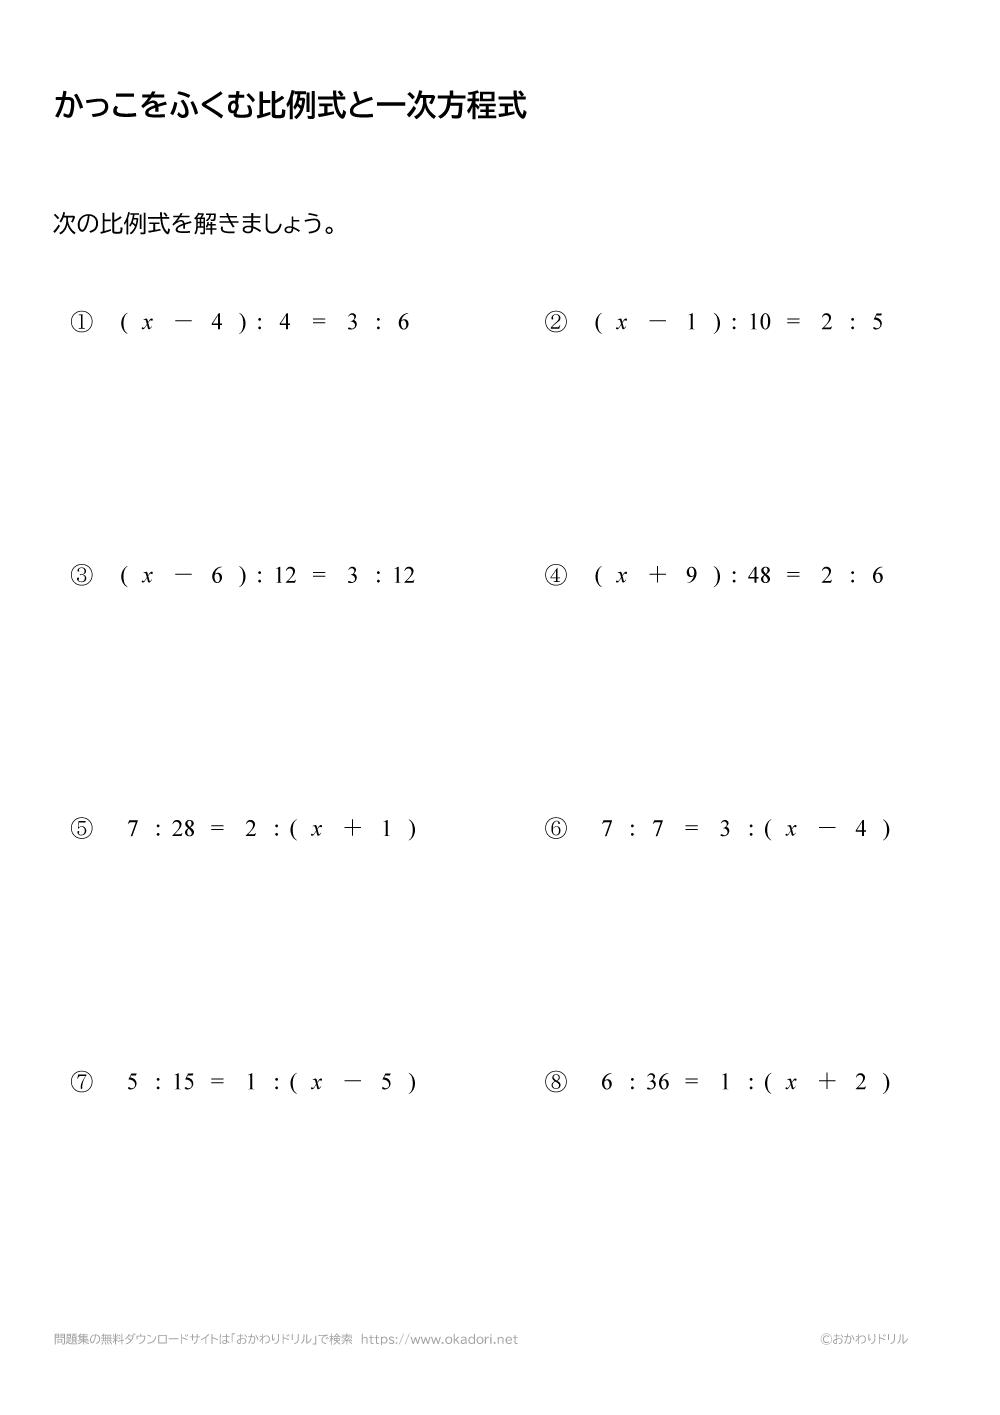 かっこを含む比例式と一次方程式2